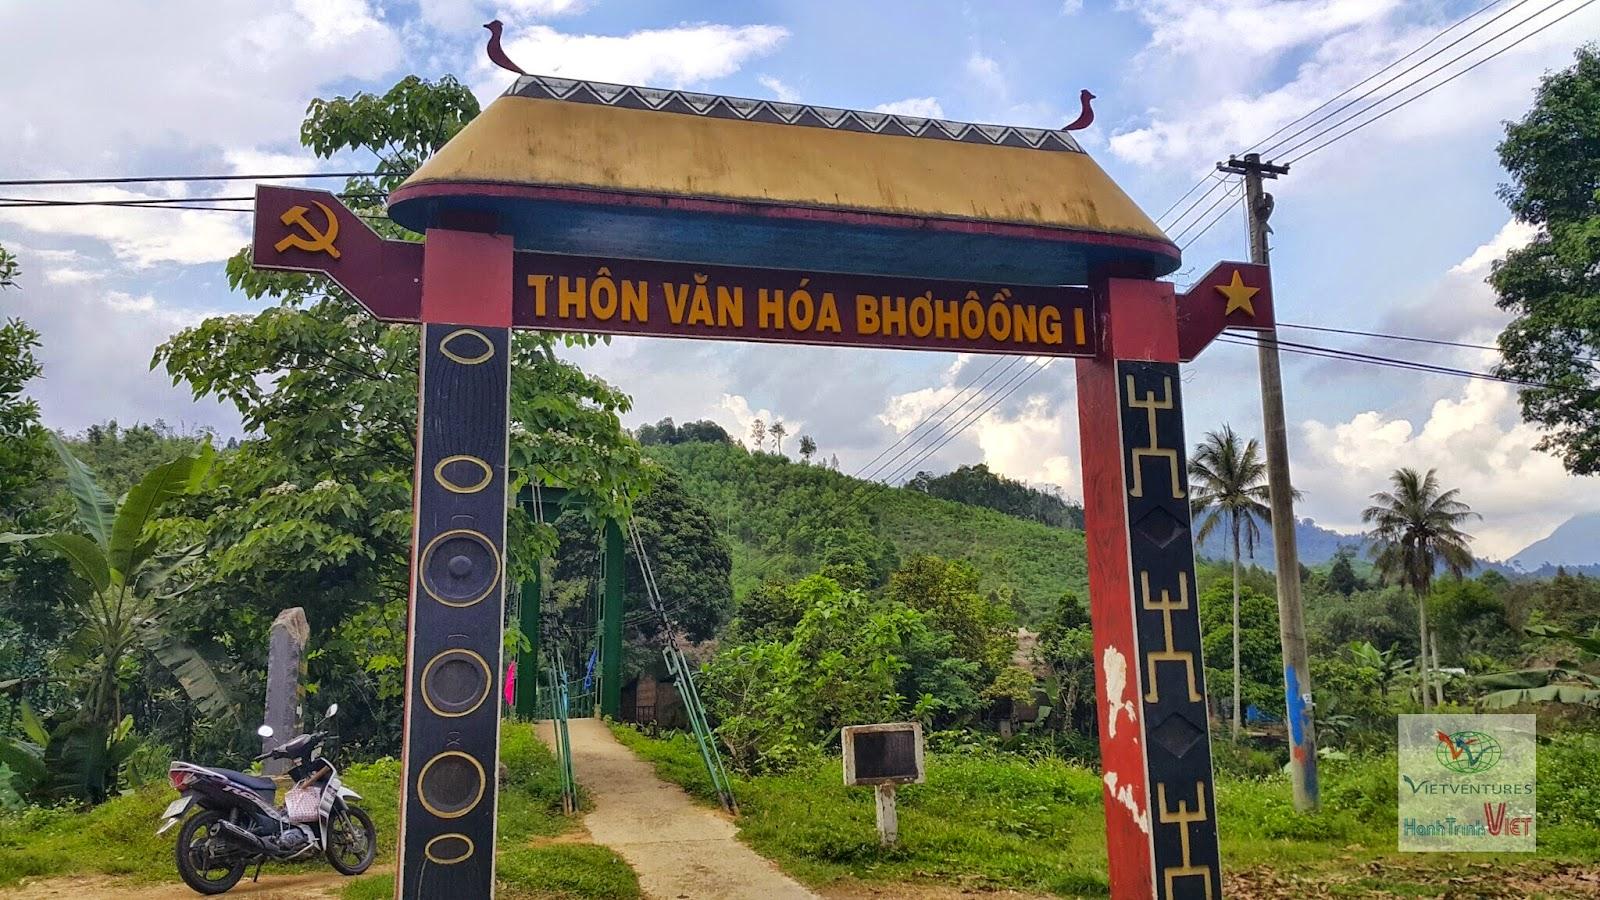 Du lịch cộng đồng thon Bho Hoong, Đông Giang, Quảng Nam